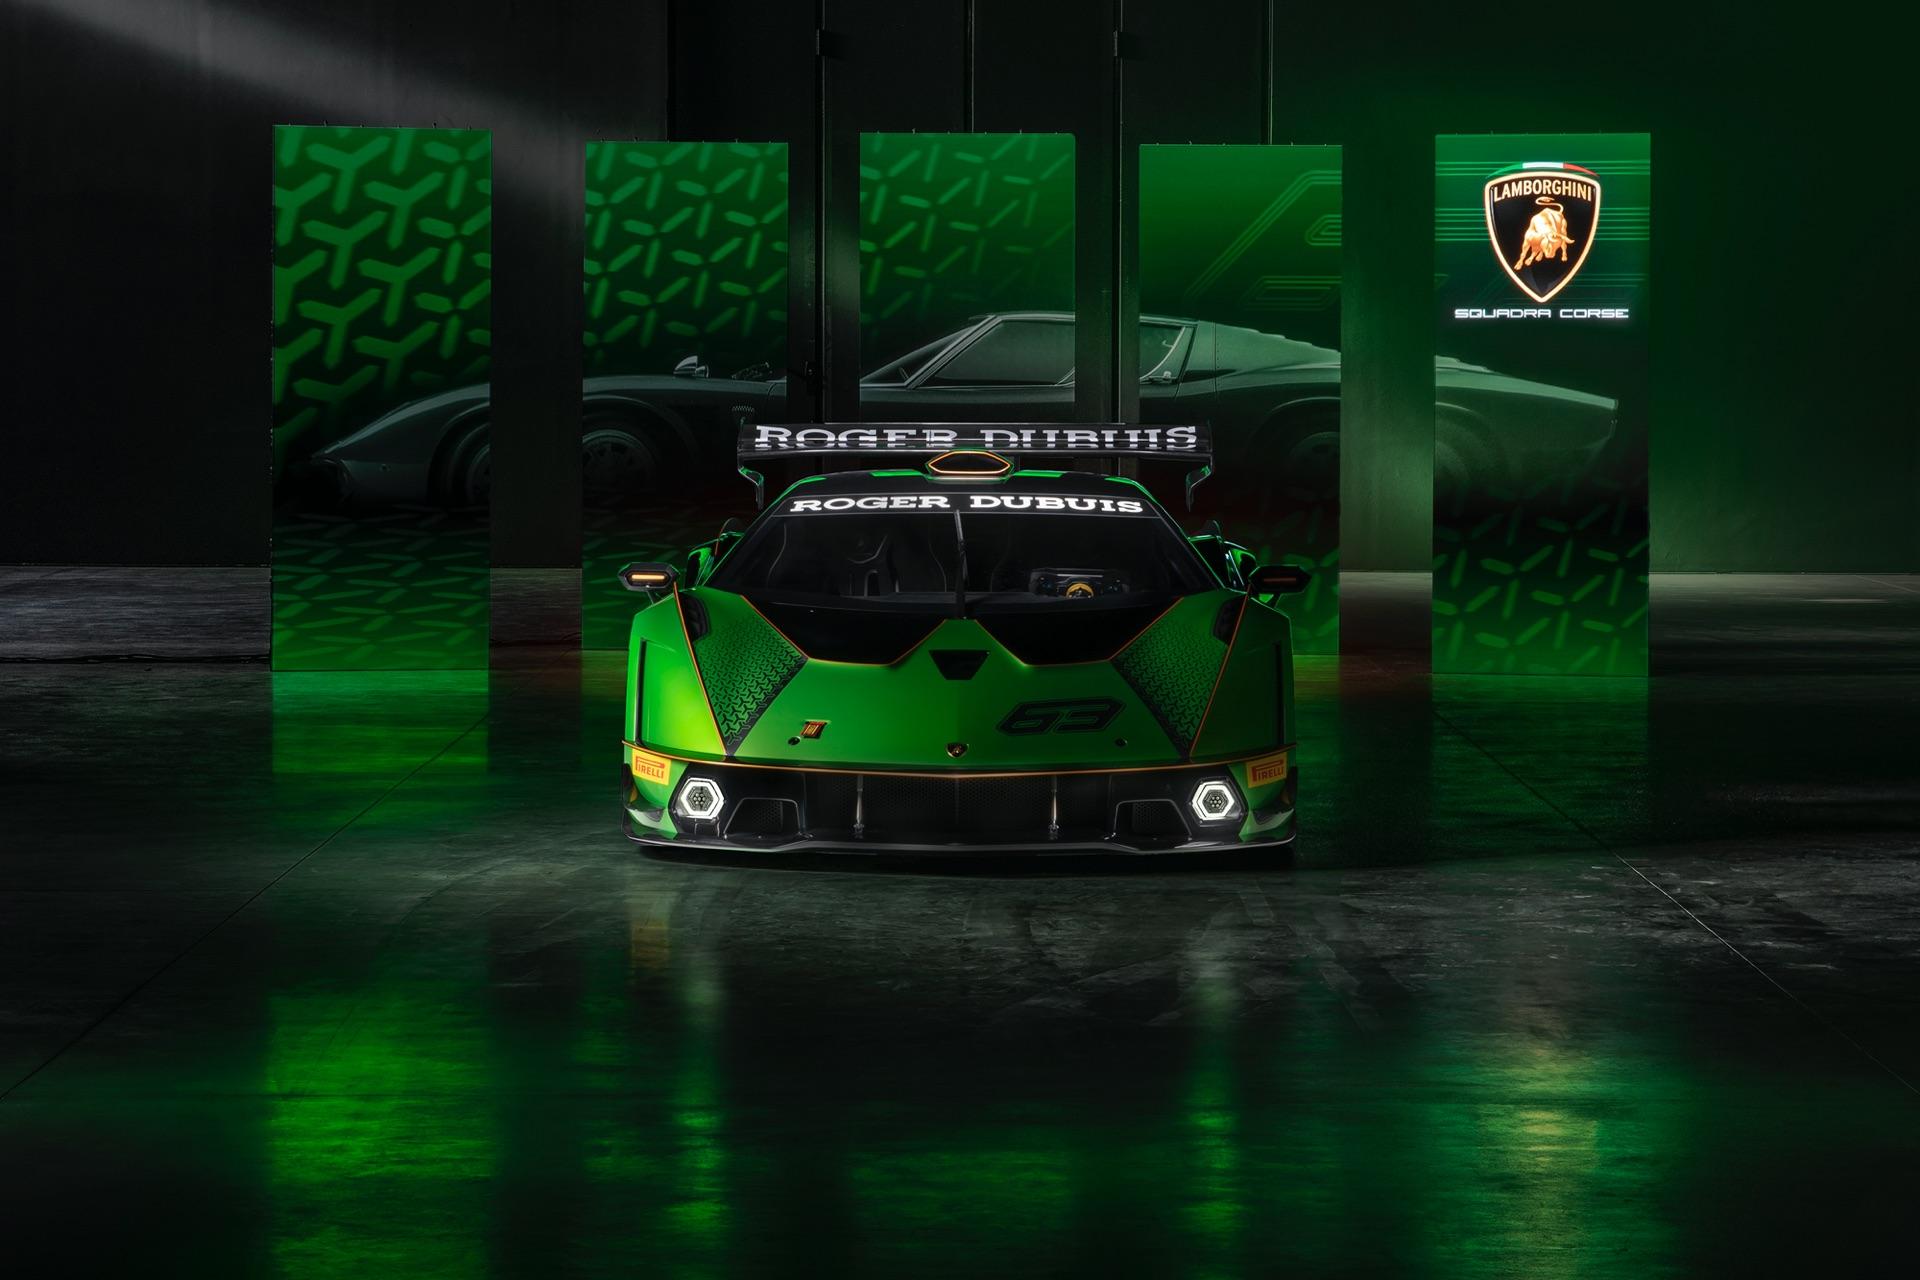 Деталей пока немного. Lamborghini подтвердил, что SCV12 оснащен двигателем V12 мощностью 830 л.с. Говорят, что увеличение мощности частично вызвано RAM эффектом на высоких скоростях.